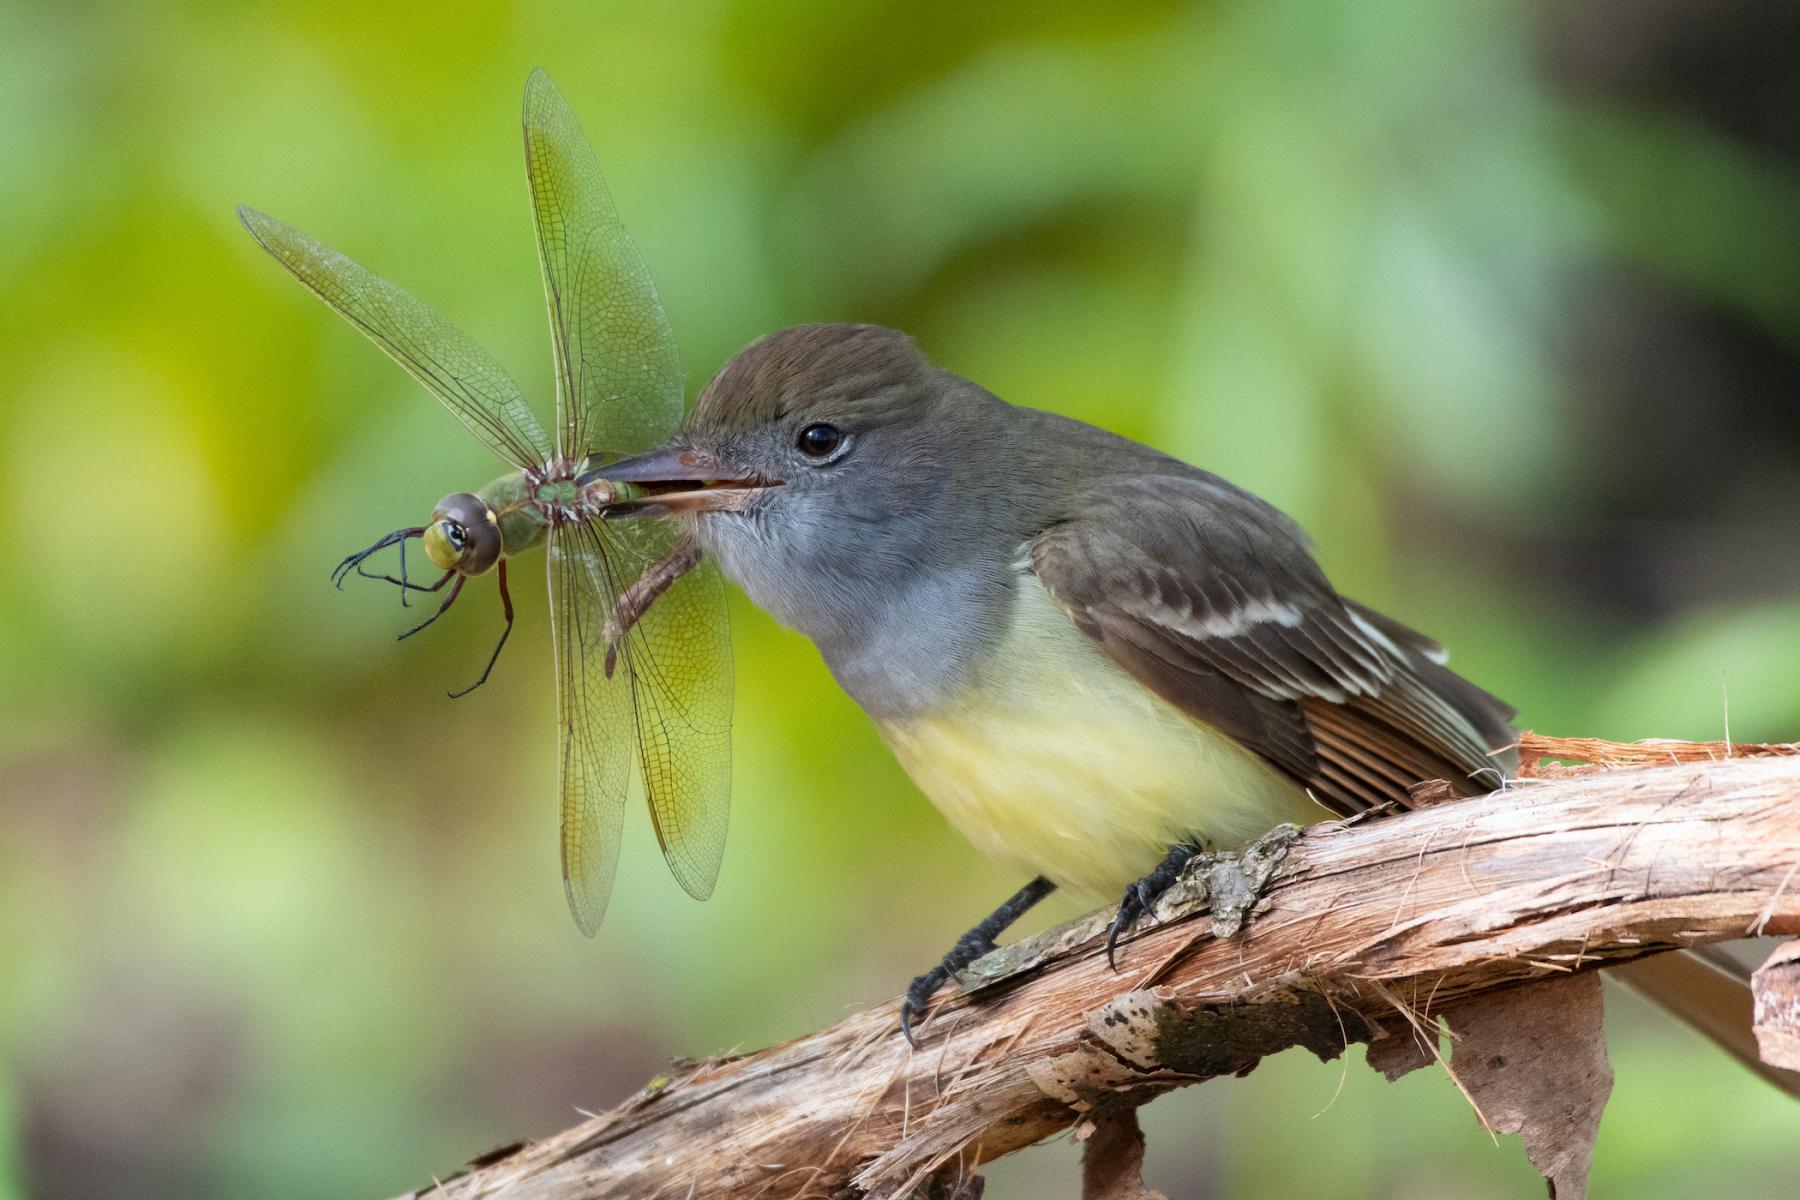 Great Crested Flycatcher by Michael Spleha